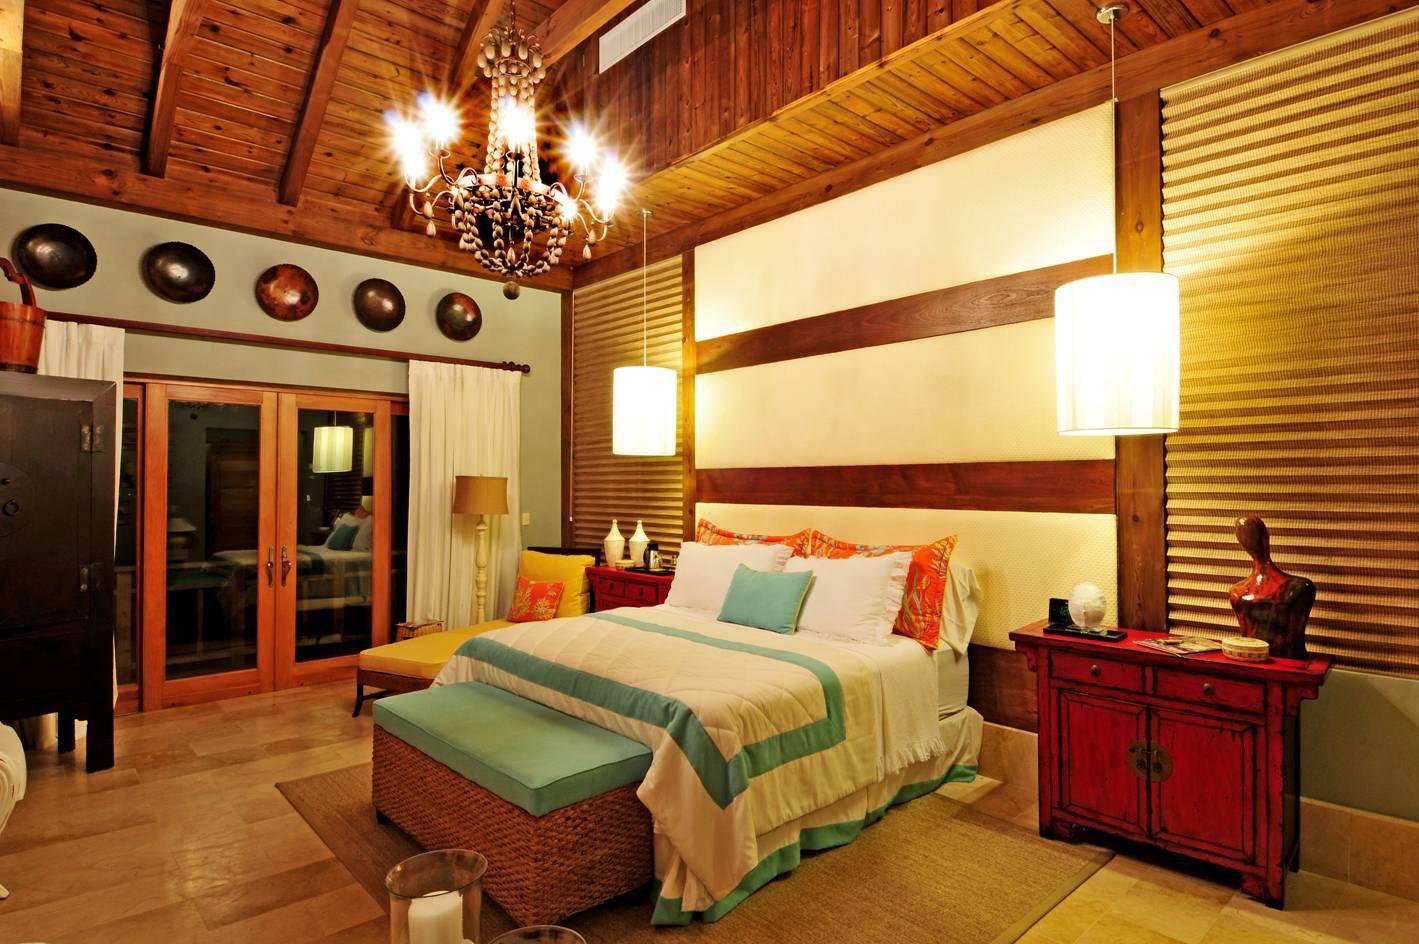 Normerica Timber Frames, Commercial Project, Las Iguanas Villas, Dominican Republic, Interior, Bedroom, Villas